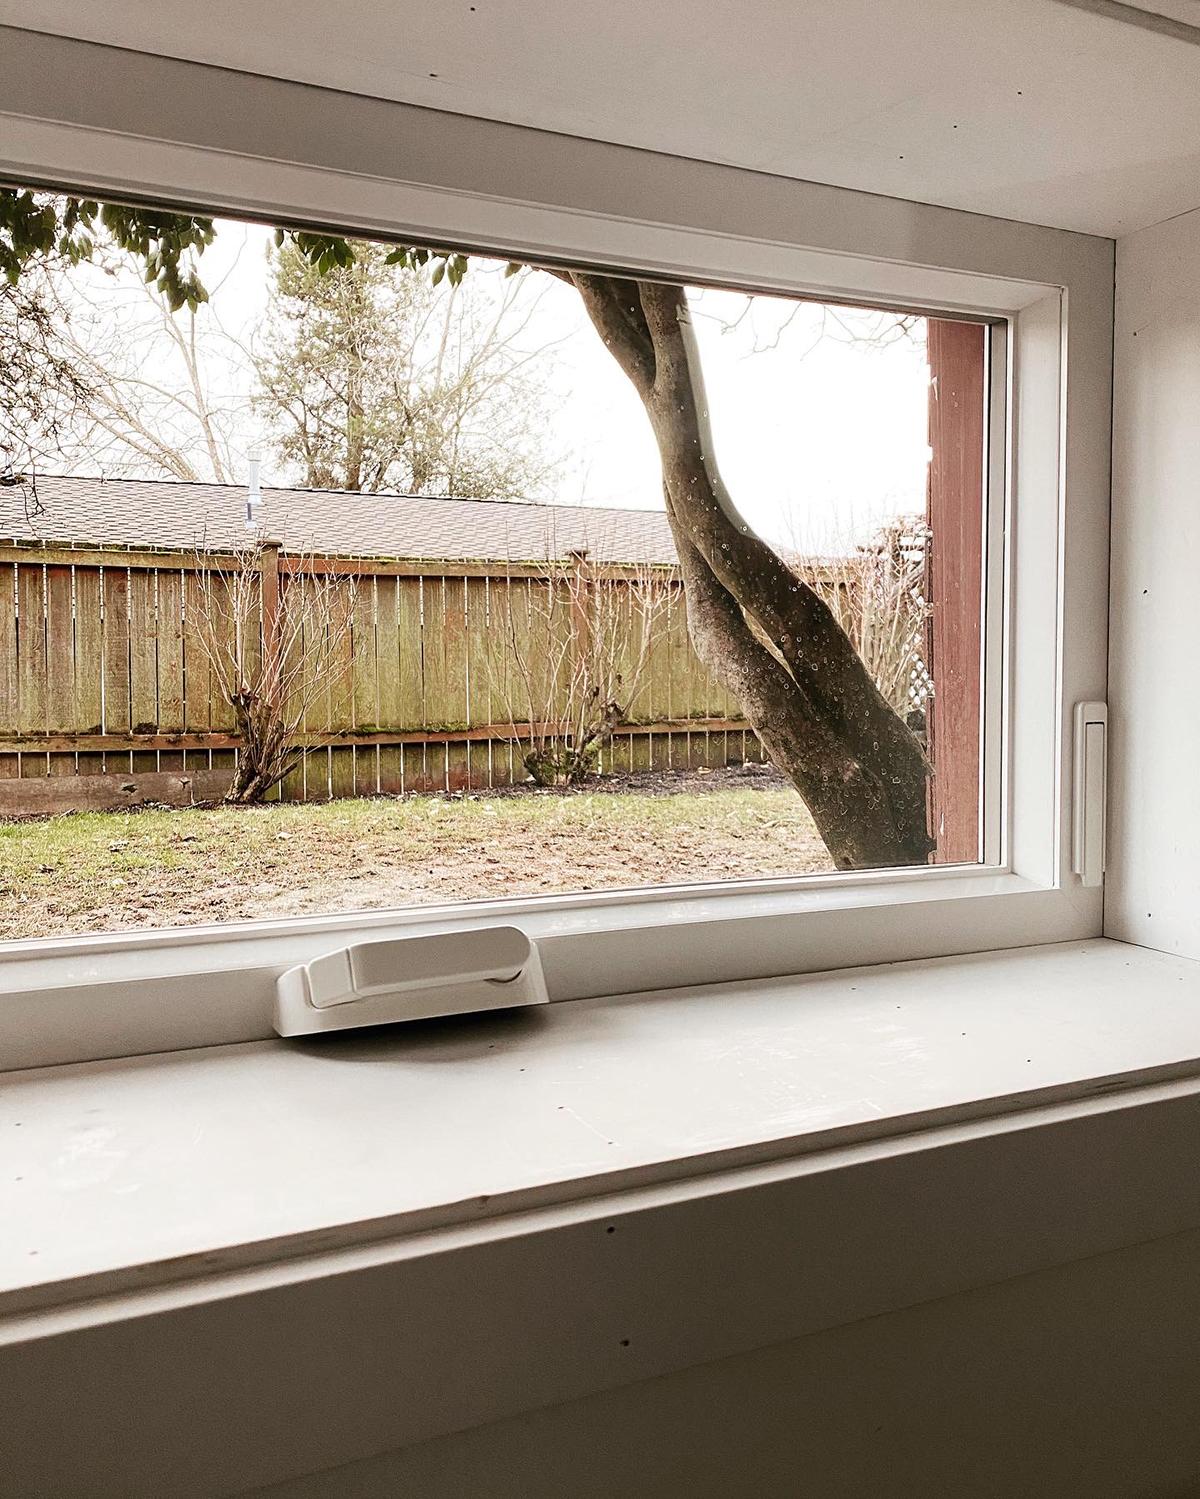 лучшие окна для реконструкции подвала - серия milgard trinsic